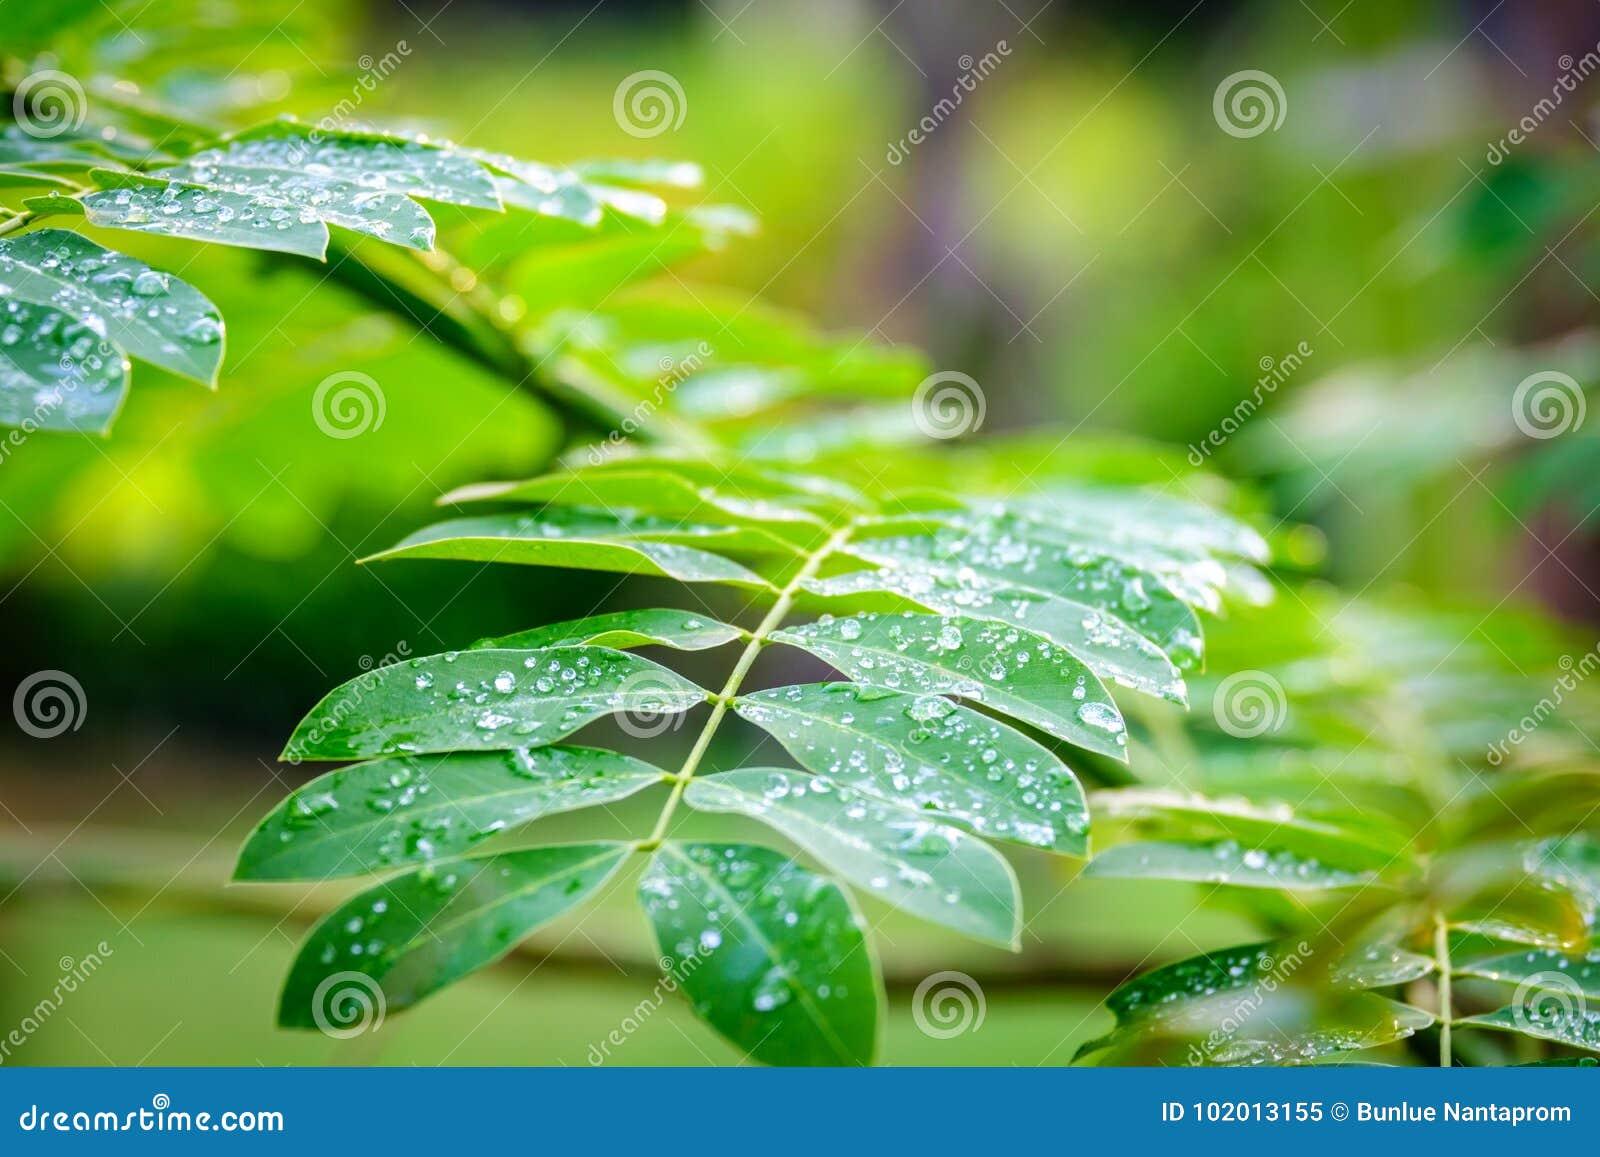 Σταγονίδια δροσιάς στα πράσινα φύλλα, πτώσεις νερού μετά από το πράσινο φύλλο βροχής